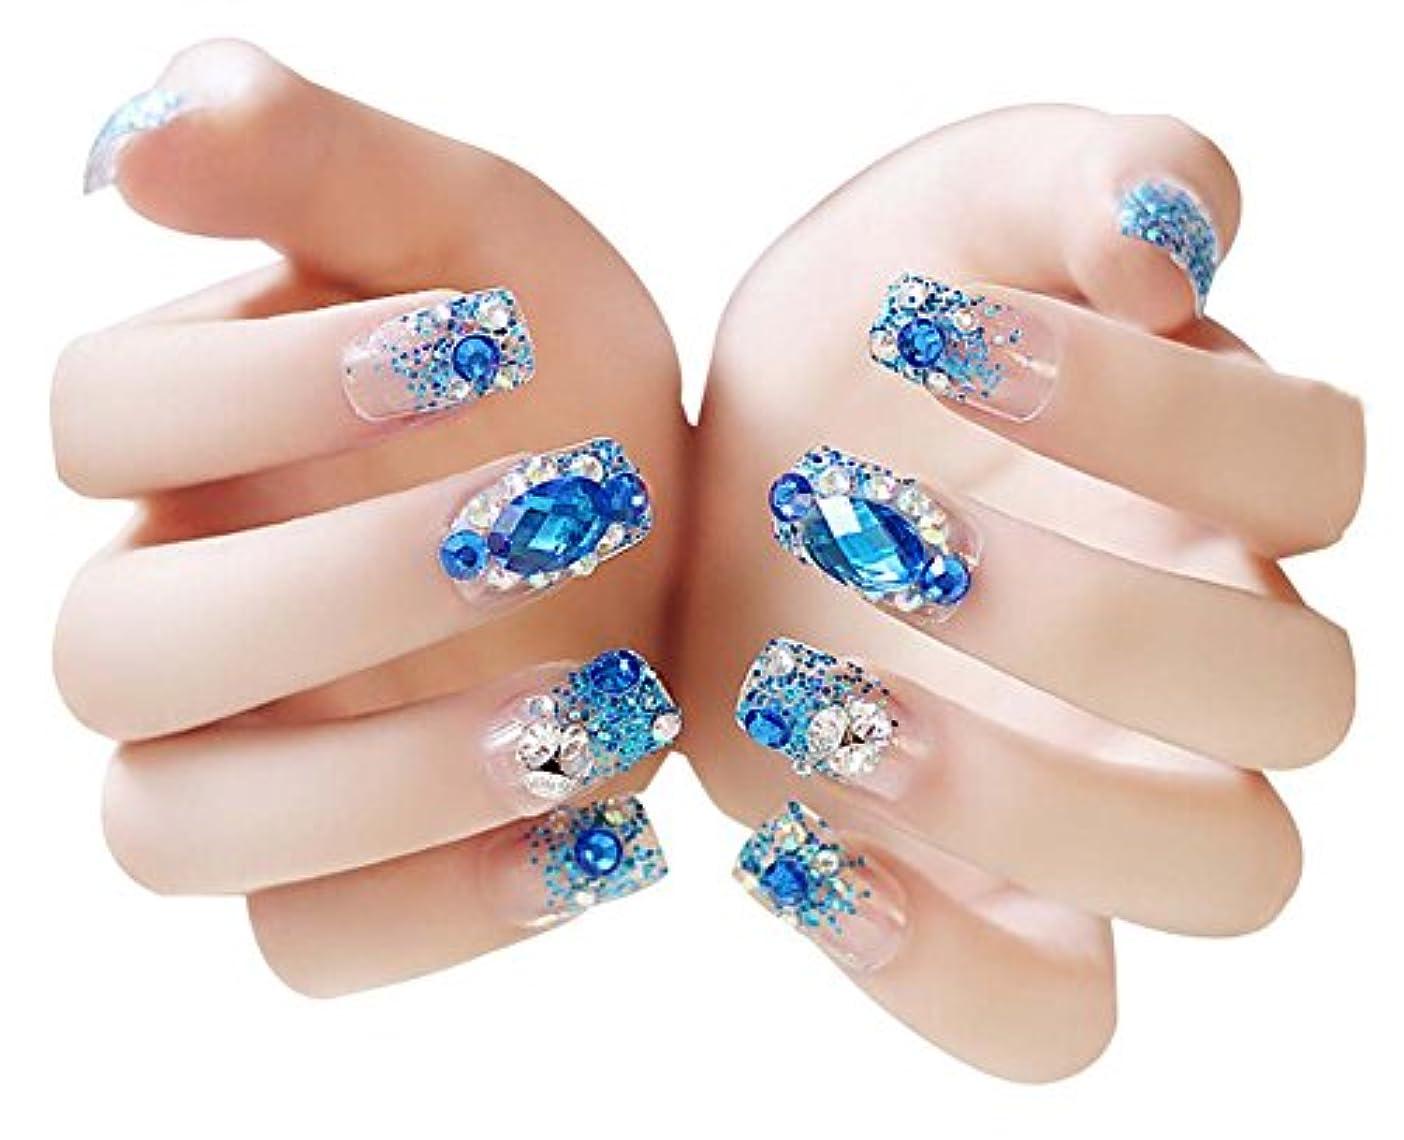 奨学金円形の自伝美しいブルーのラインストーンの結婚式の偽の爪クリスタル偽のネイルアートセット、2パック - 48枚